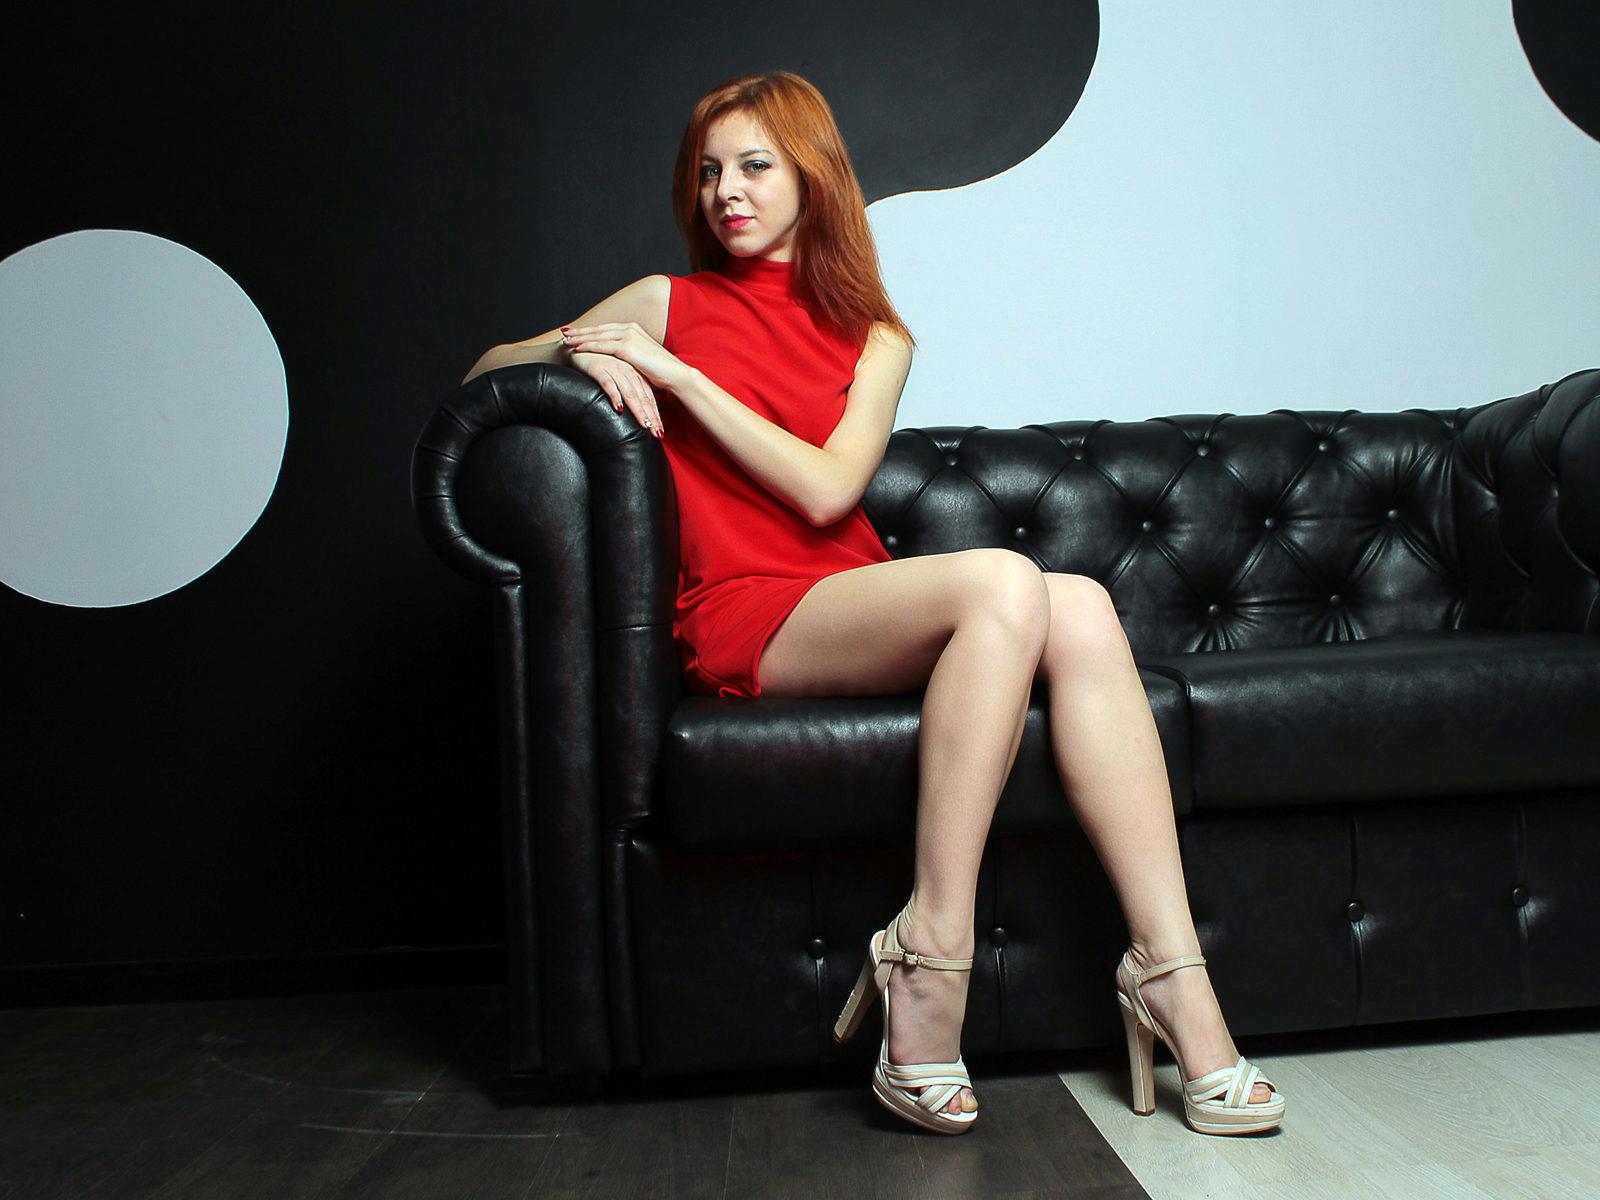 DianaFoxy